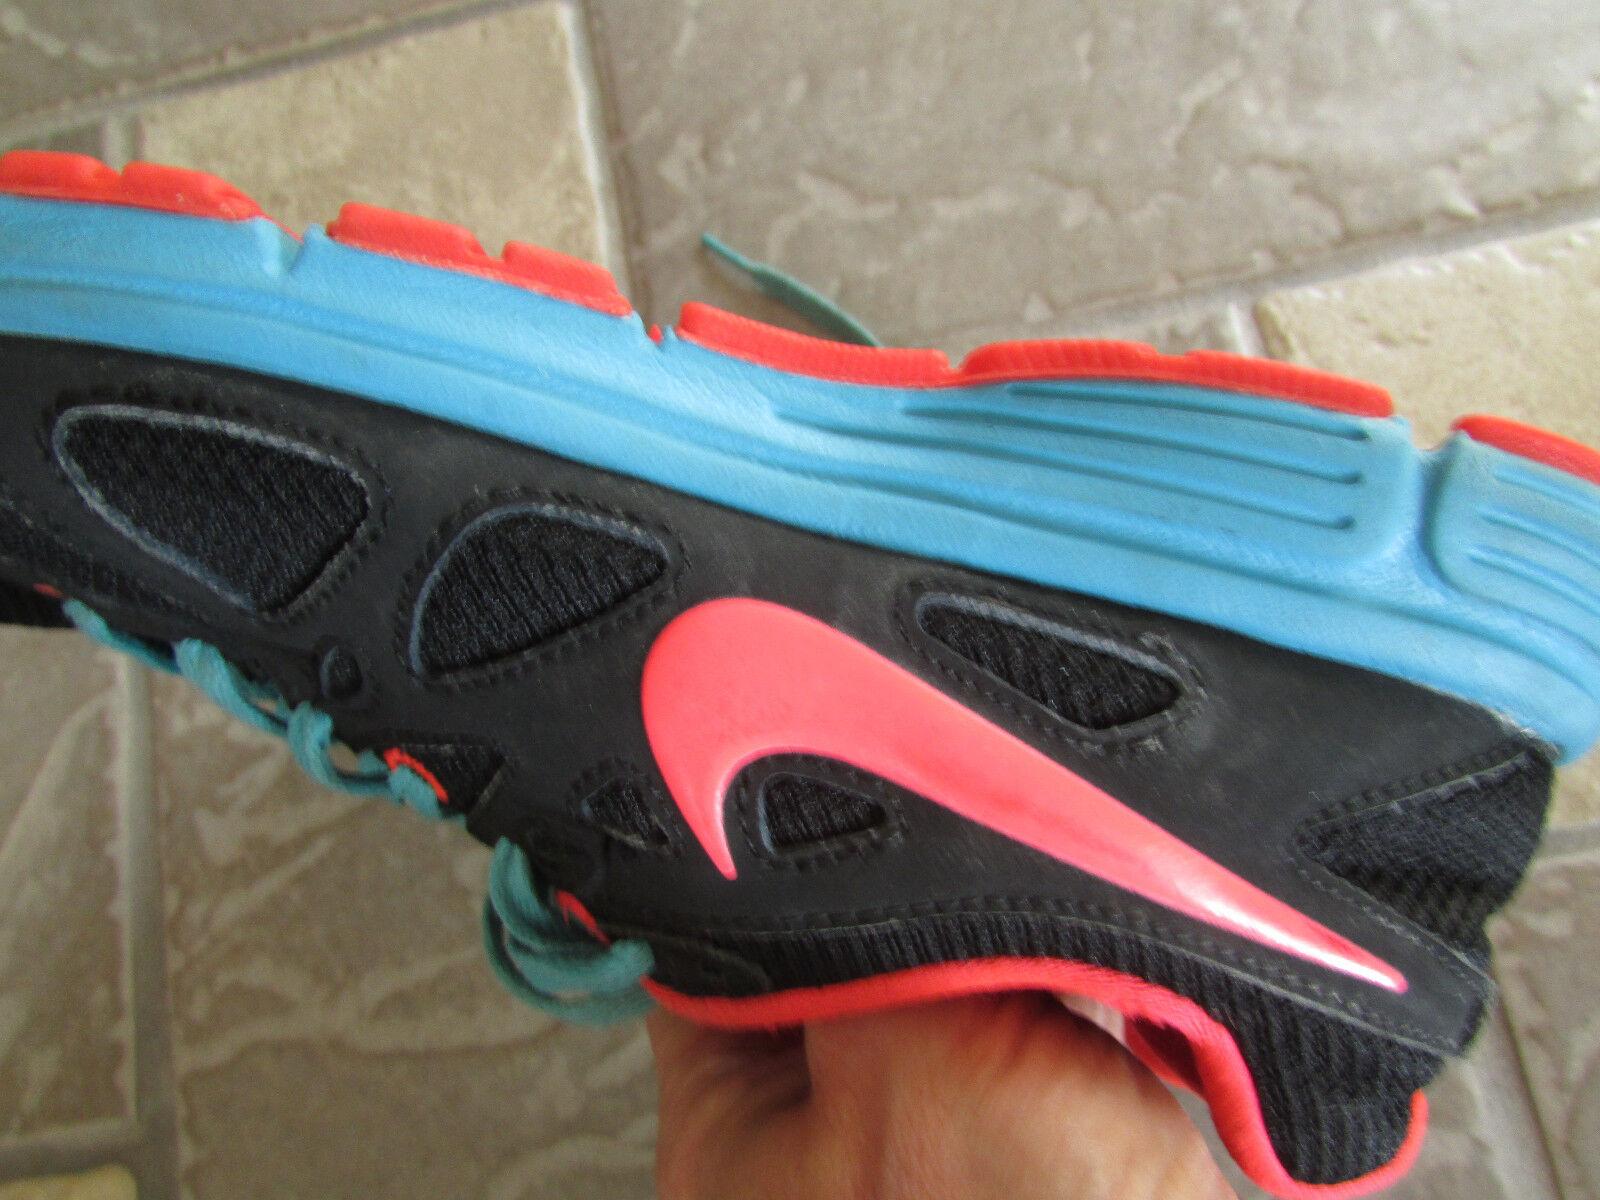 nike rivoluzione 2 scarpe scarpe femminili: 554900 6,5 6,5 6,5 stile libero nave   finitura    Scolaro/Signora Scarpa  88bd06